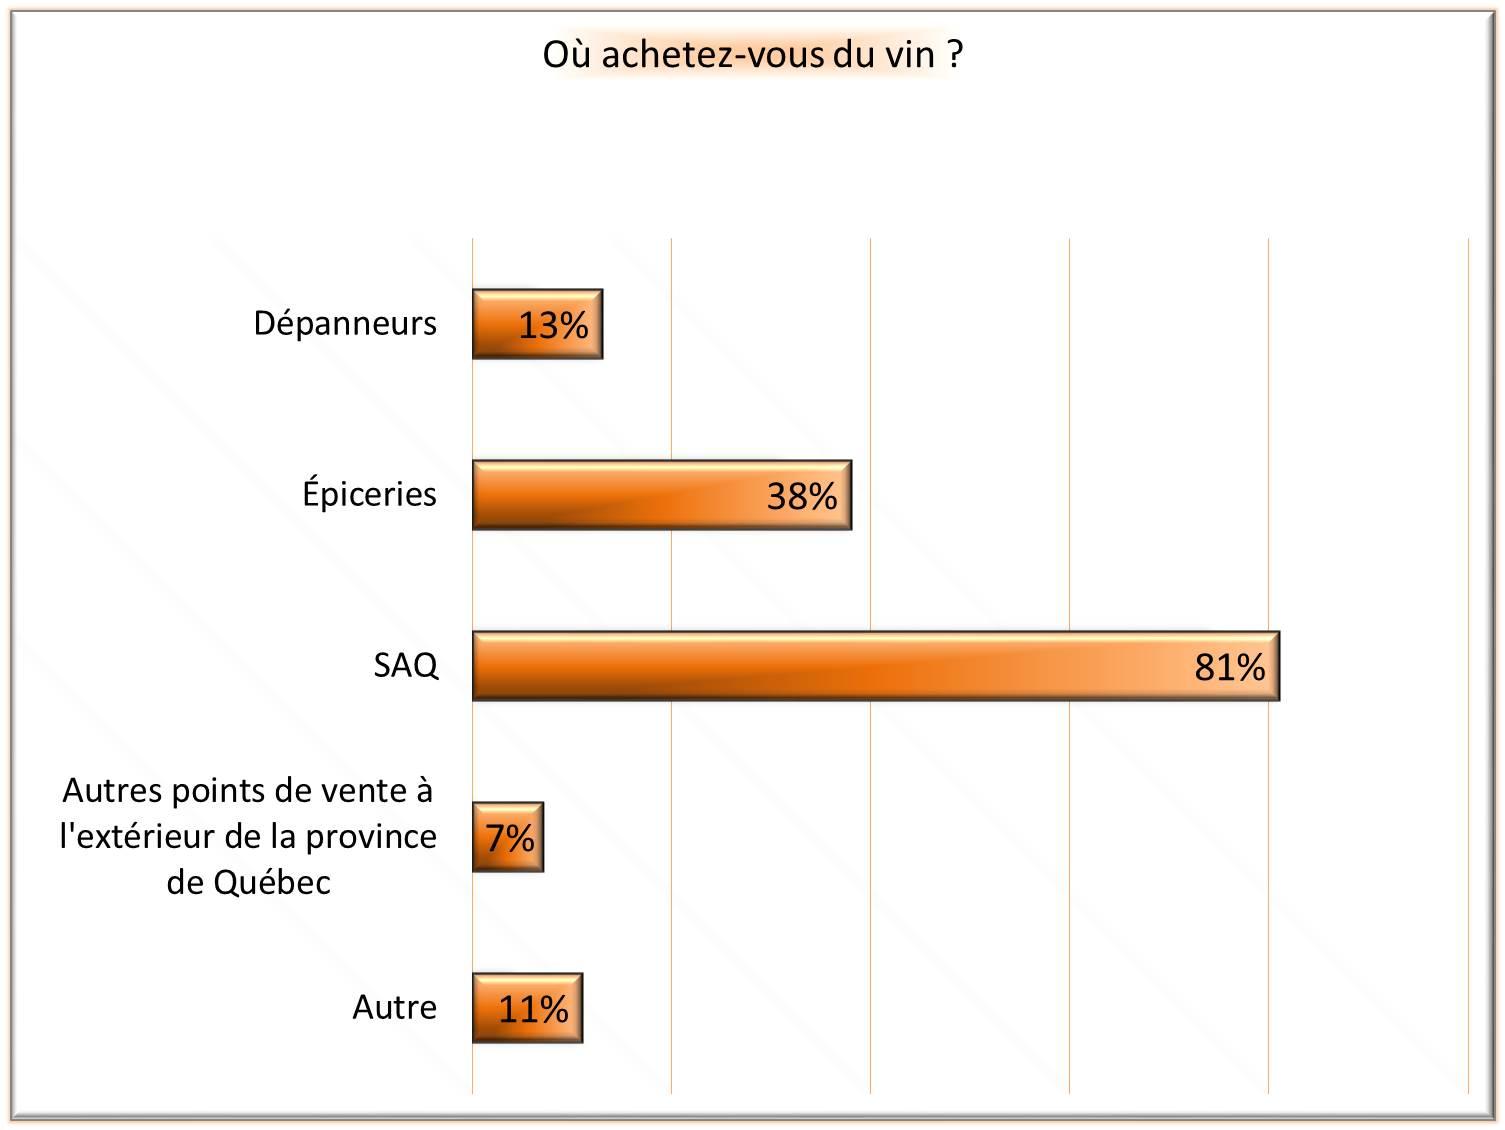 2013-09-28-pix_2013_septembre_23_Huffington_Post_Quebec_Toute_la_verite_sur_les_vins_vendus_dans_les_epiceries_et_les_depanneurs_2.jpg